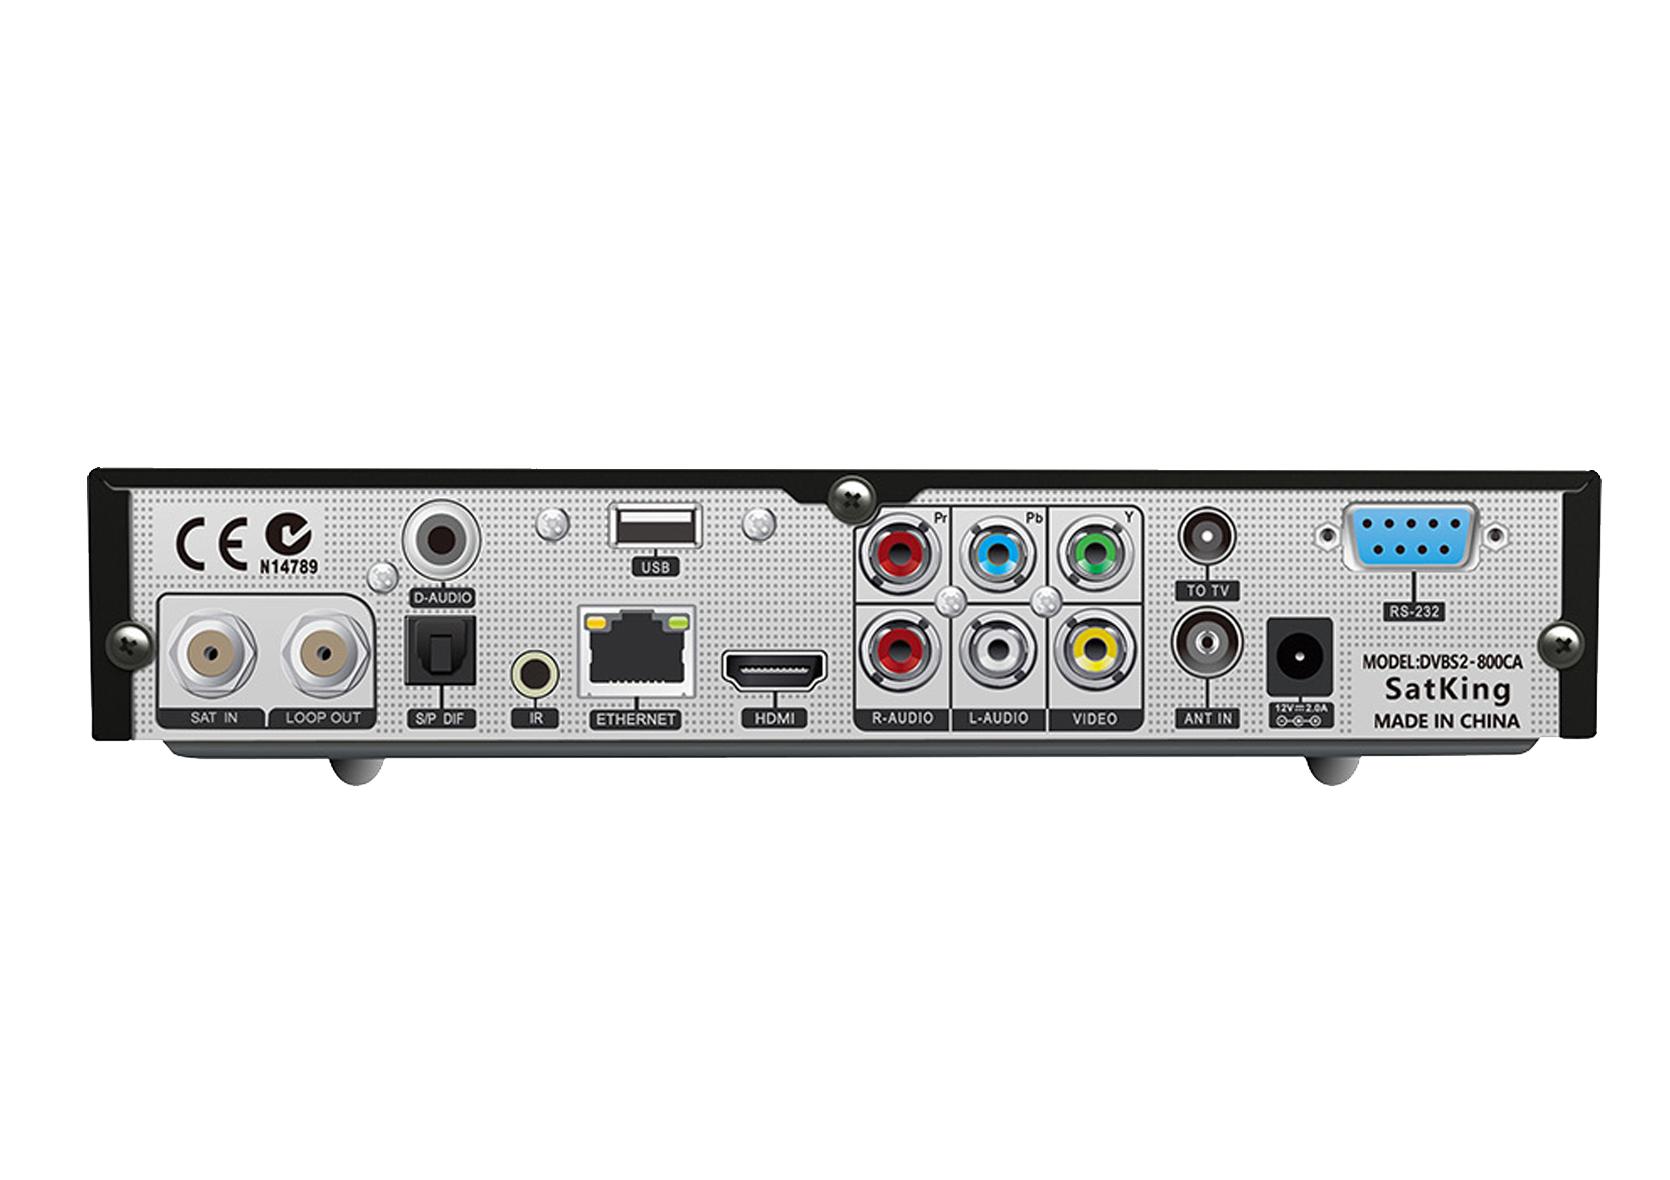 SatKing 800CA 12V/240V VAST Satellite Decoder